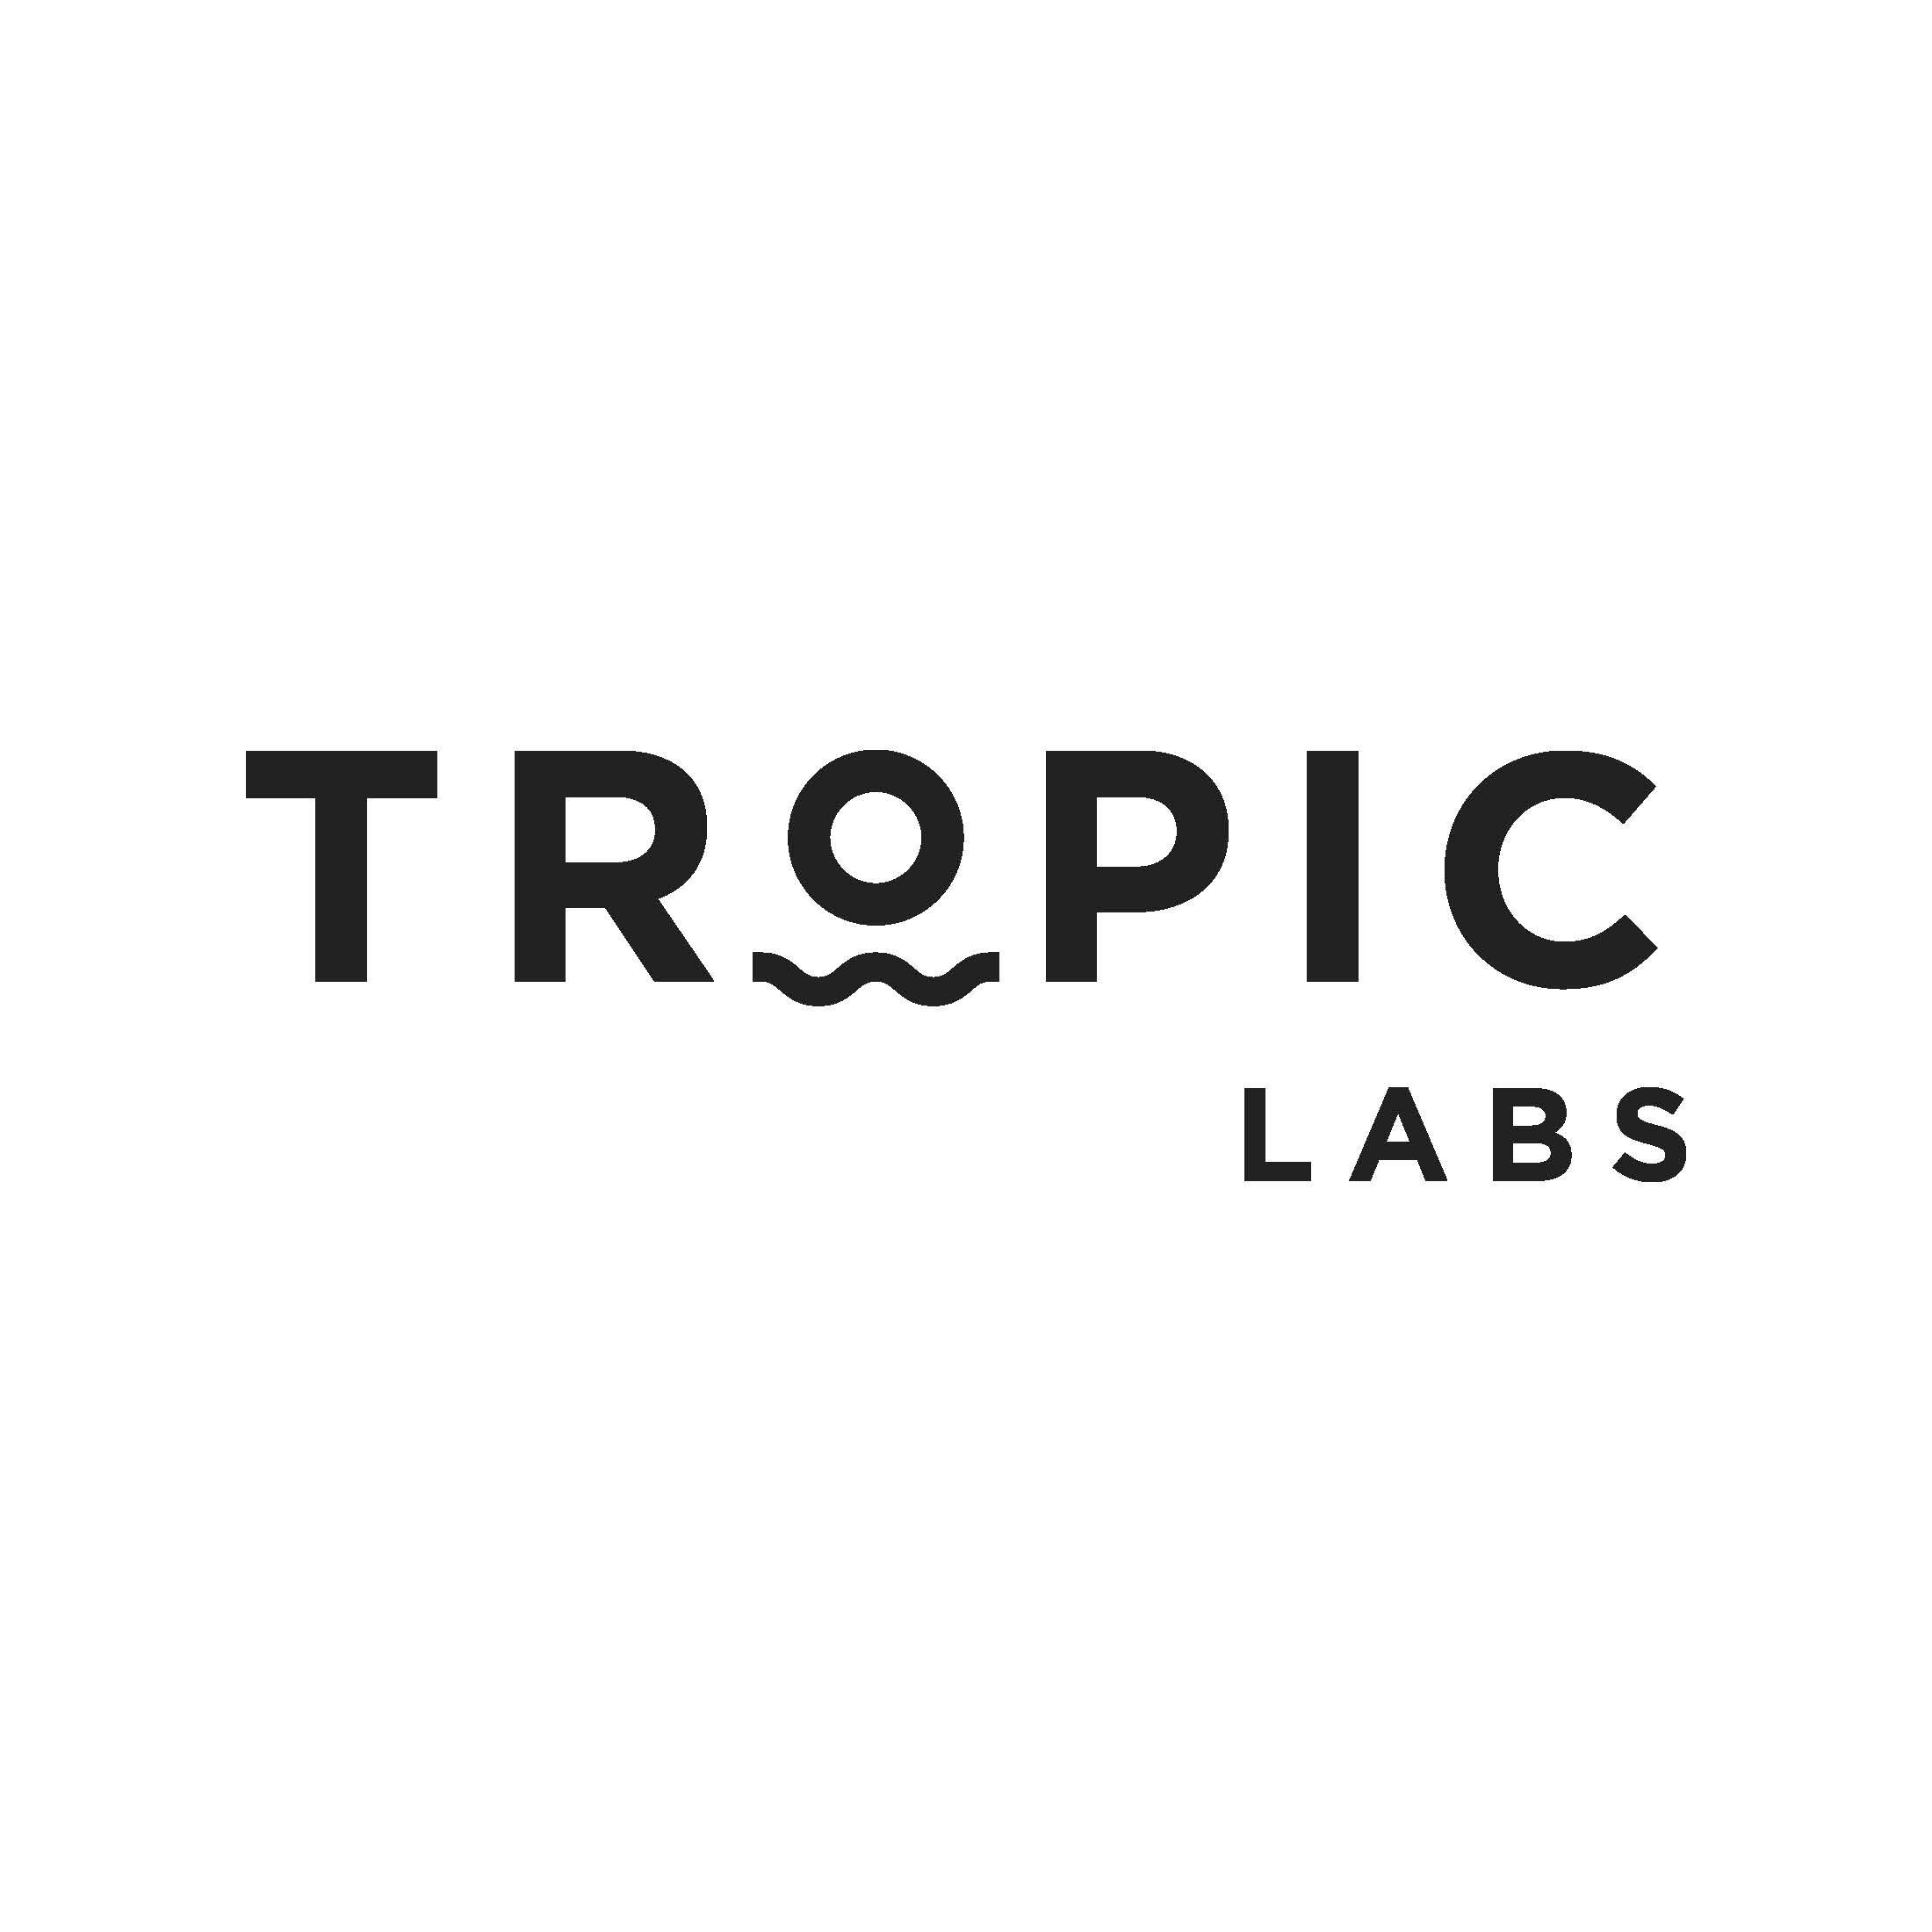 TropicLabsLogoFinalBlack